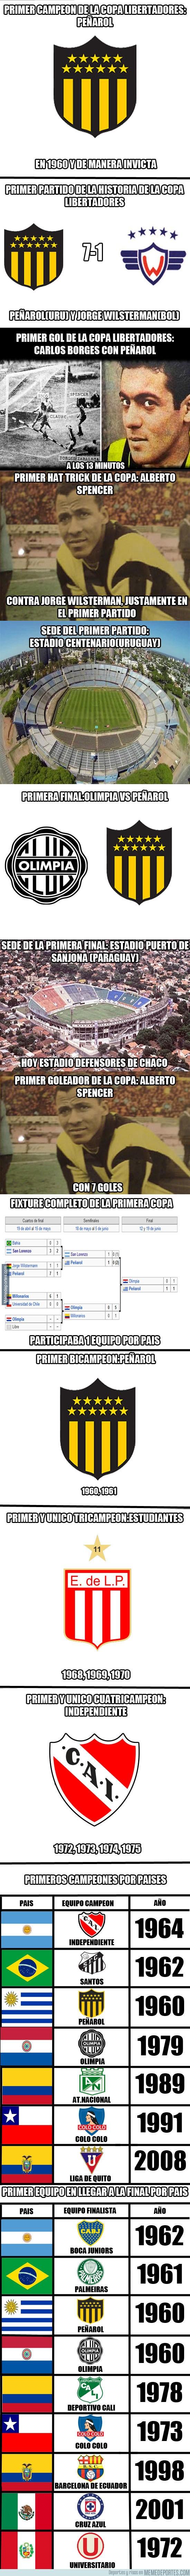 775211 - Datos históricos de la Copa Libertadores de América